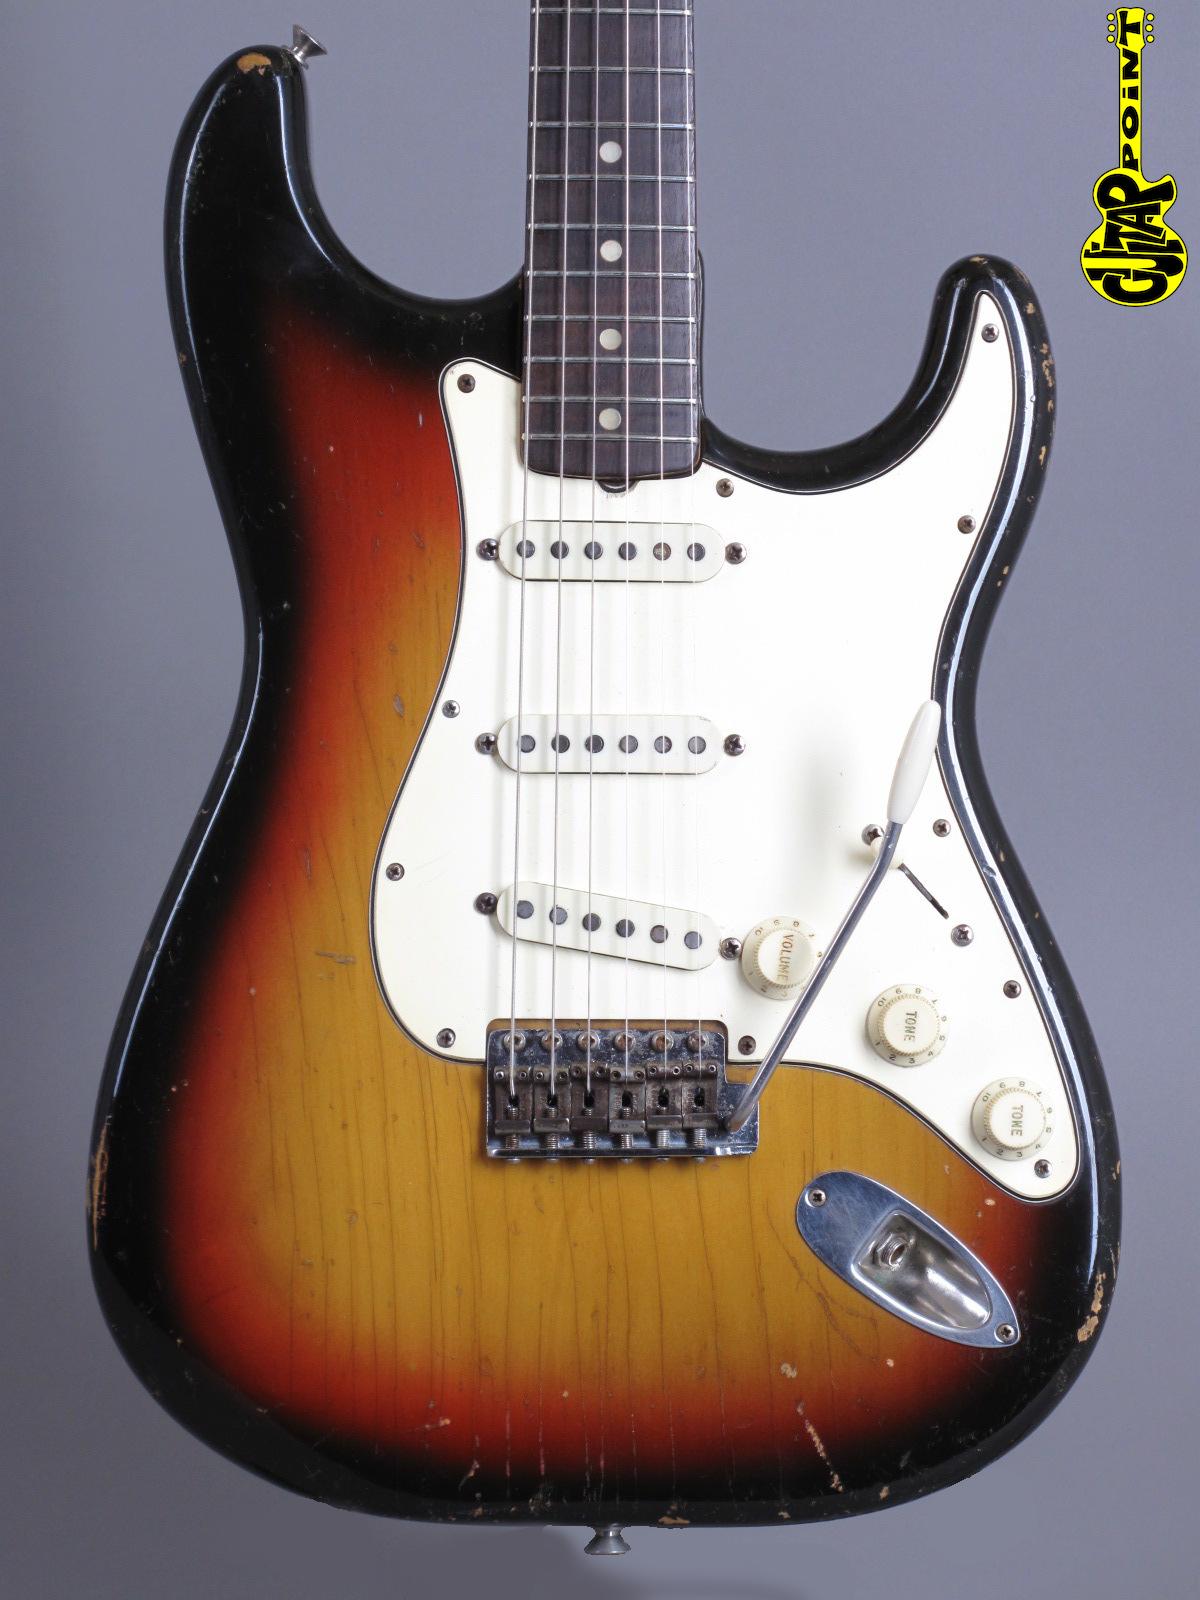 1970 Fender Stratocaster - Sunburst